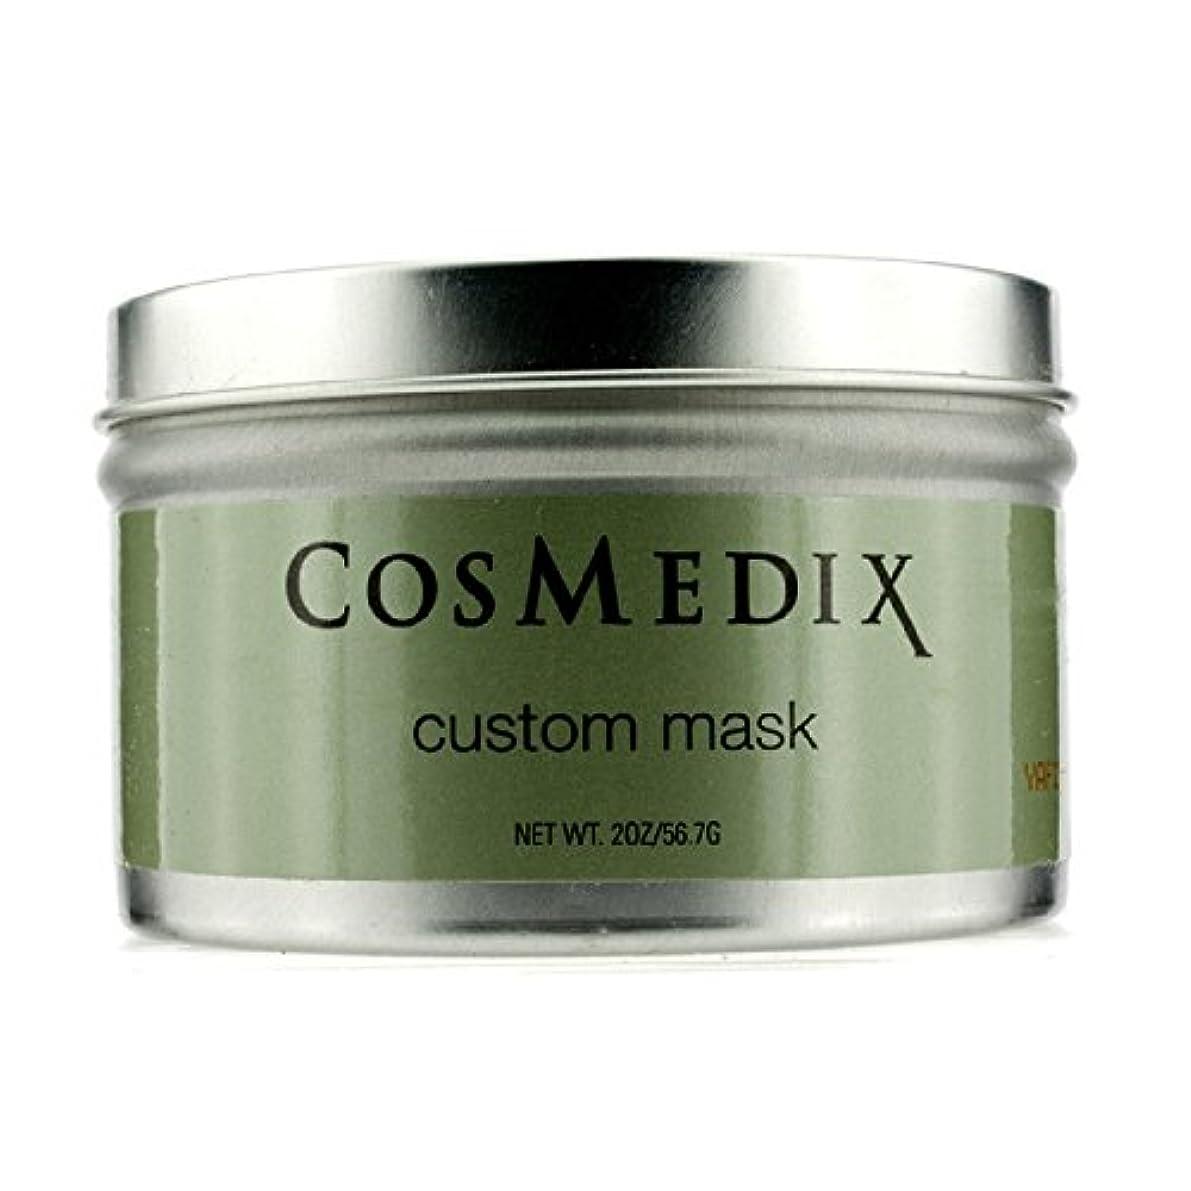 展開するもう一度シリングコスメディックス カスタムマスク (サロン製品) 56.7g/2oz並行輸入品